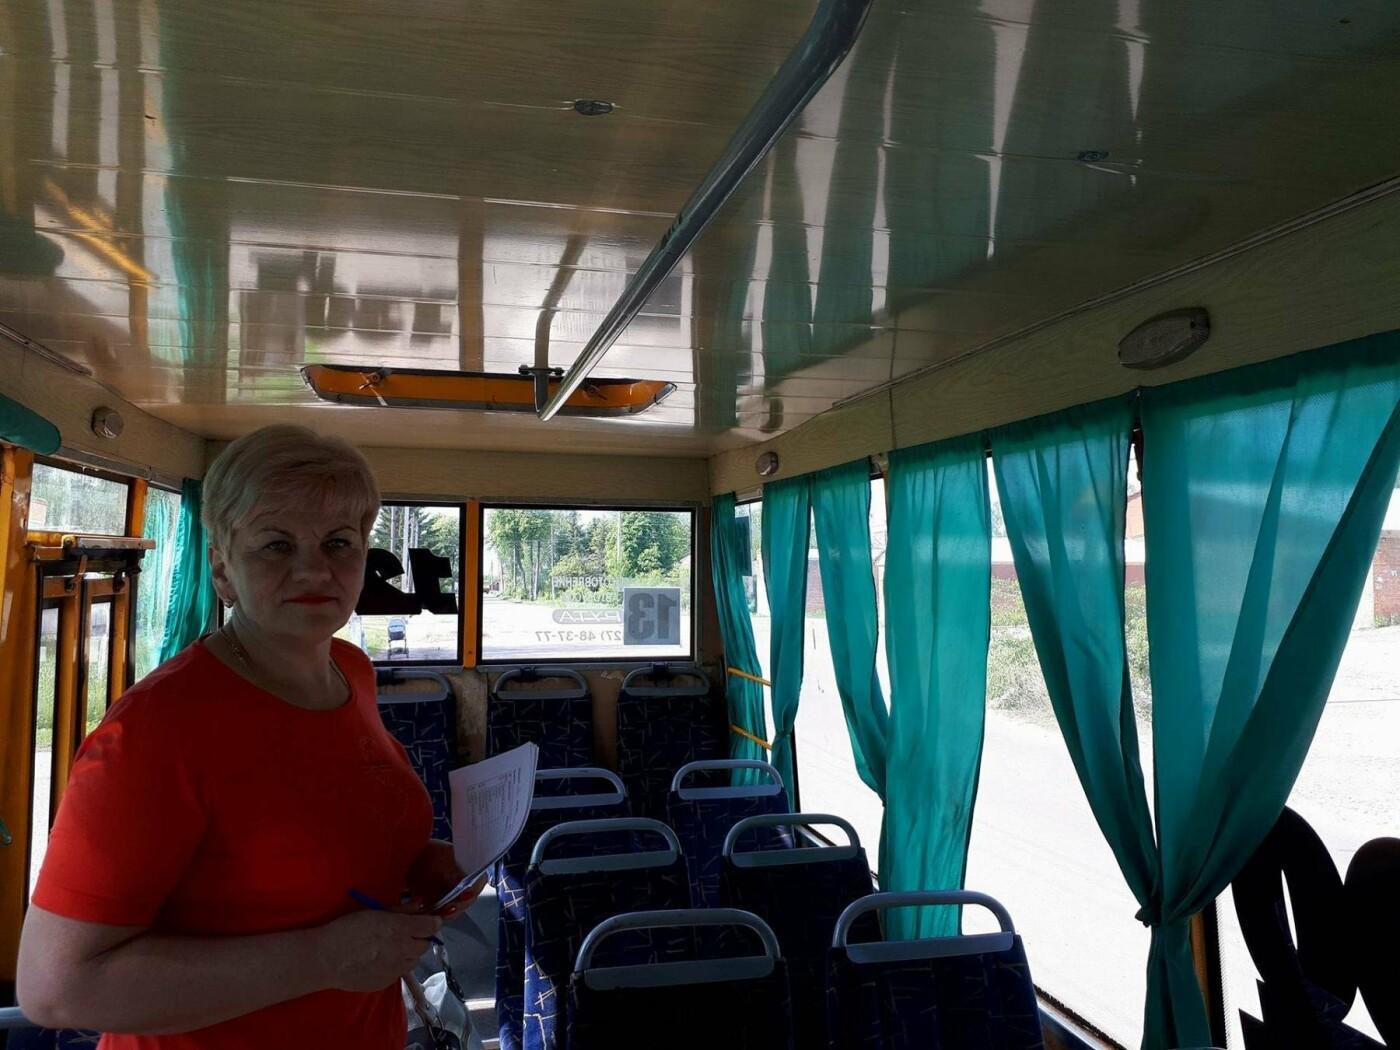 Временная транспортная комиссия завершила повторную проверку частных перевозчиков в Сумах, фото-4